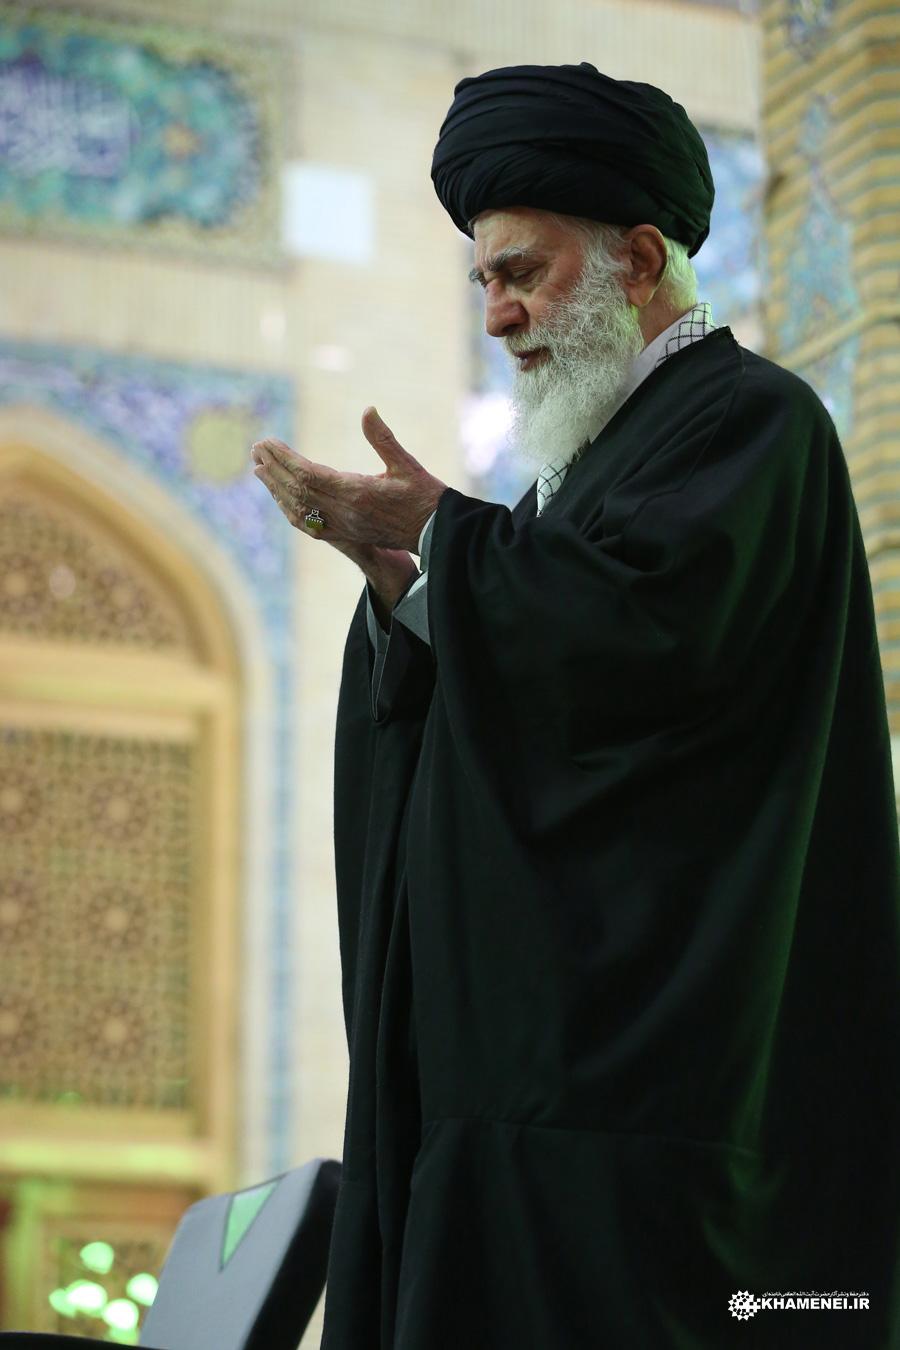 بیانات منتشرنشده رهبری درباره ولادت حضرت بقیةالله(عج)